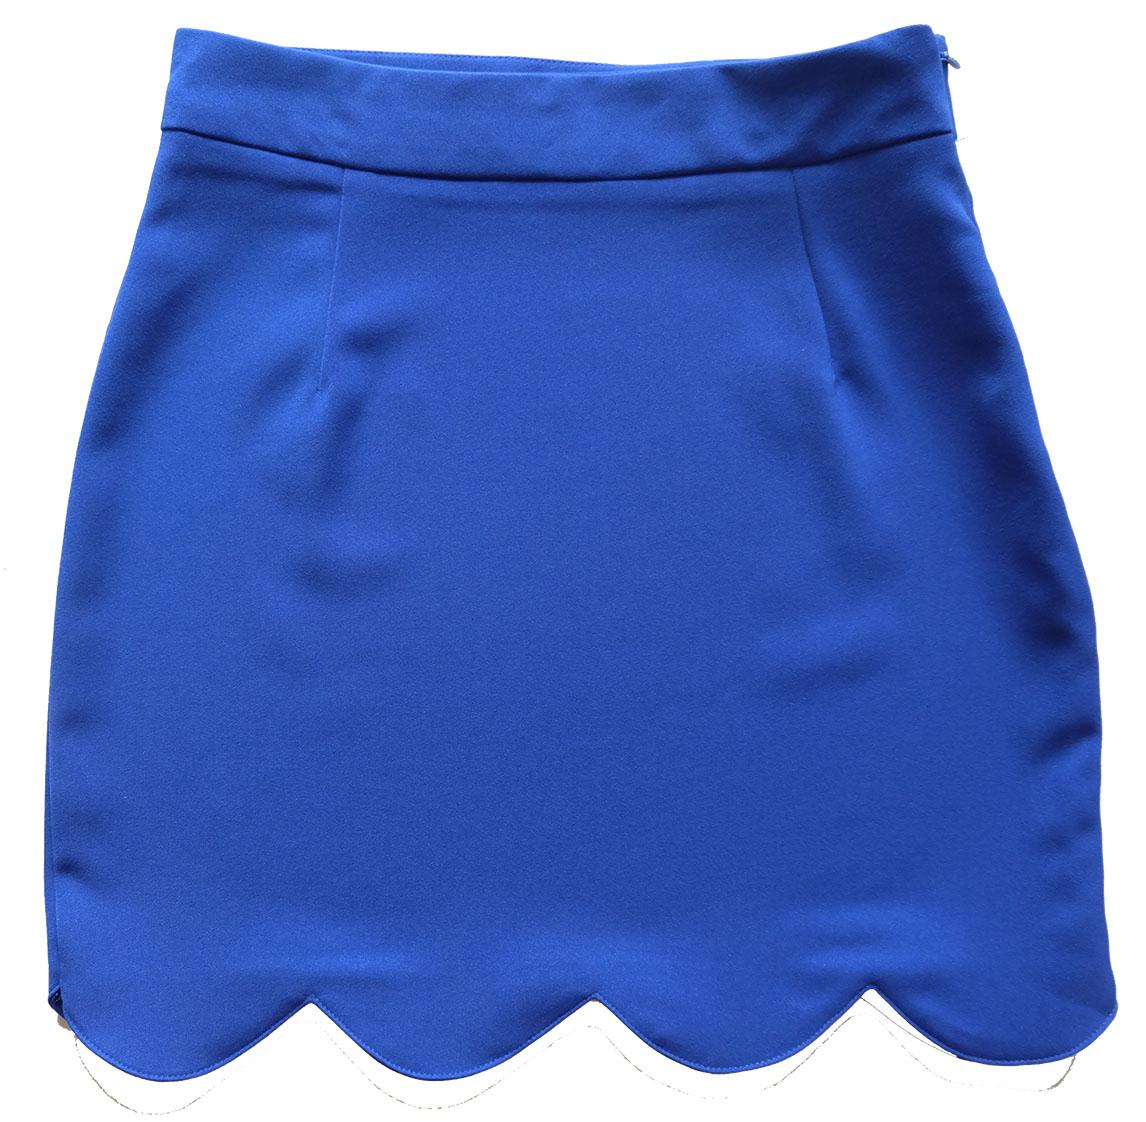 กระโปรงปลายหยัก ผ้าฮานาโกะ สีน้ำเงิน Size S M L XL